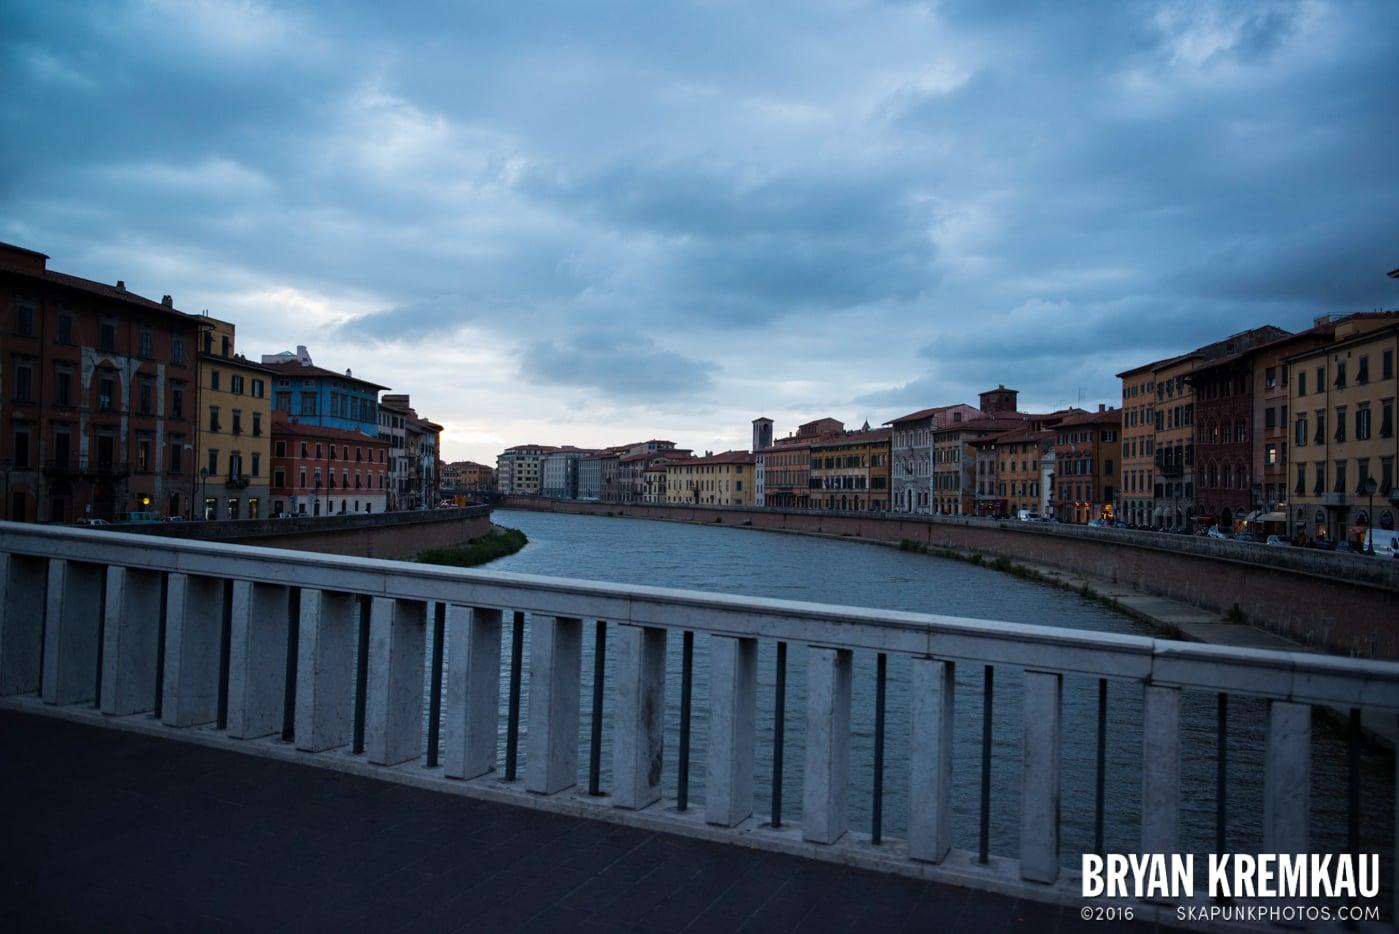 Italy Vacation - Day 8: Siena, San Gimignano, Chianti, Pisa - 9.16.13 (6)